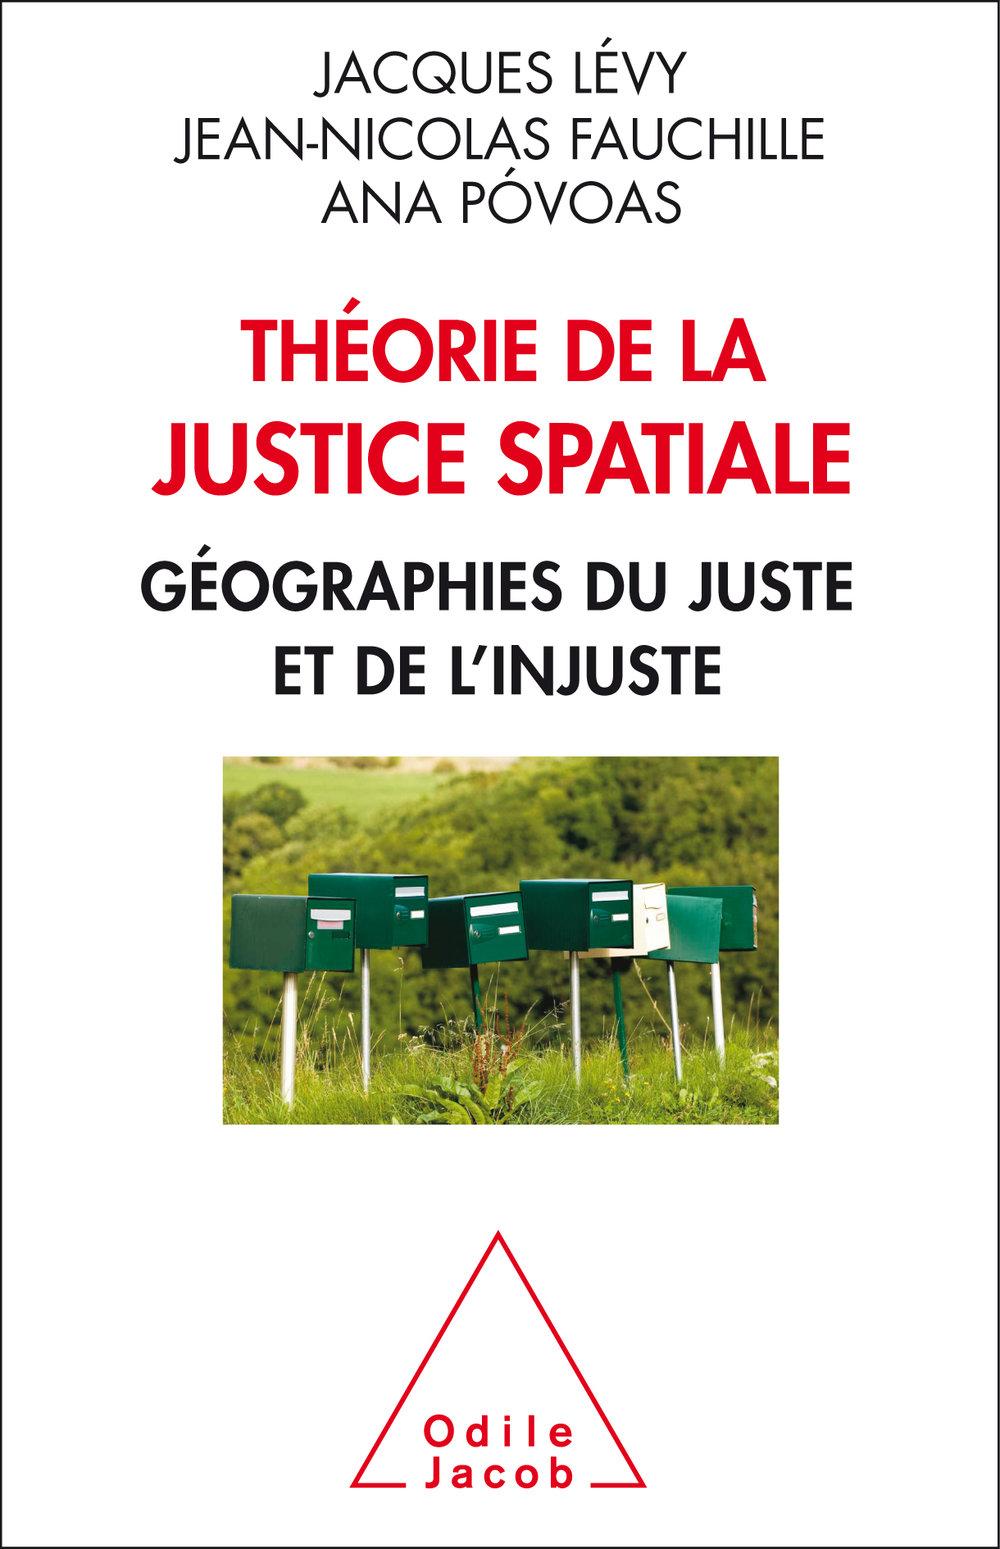 levy_fauchille_povoas-theorie_de_la_justice_spatiale-couverture-odile_jacob.jpg